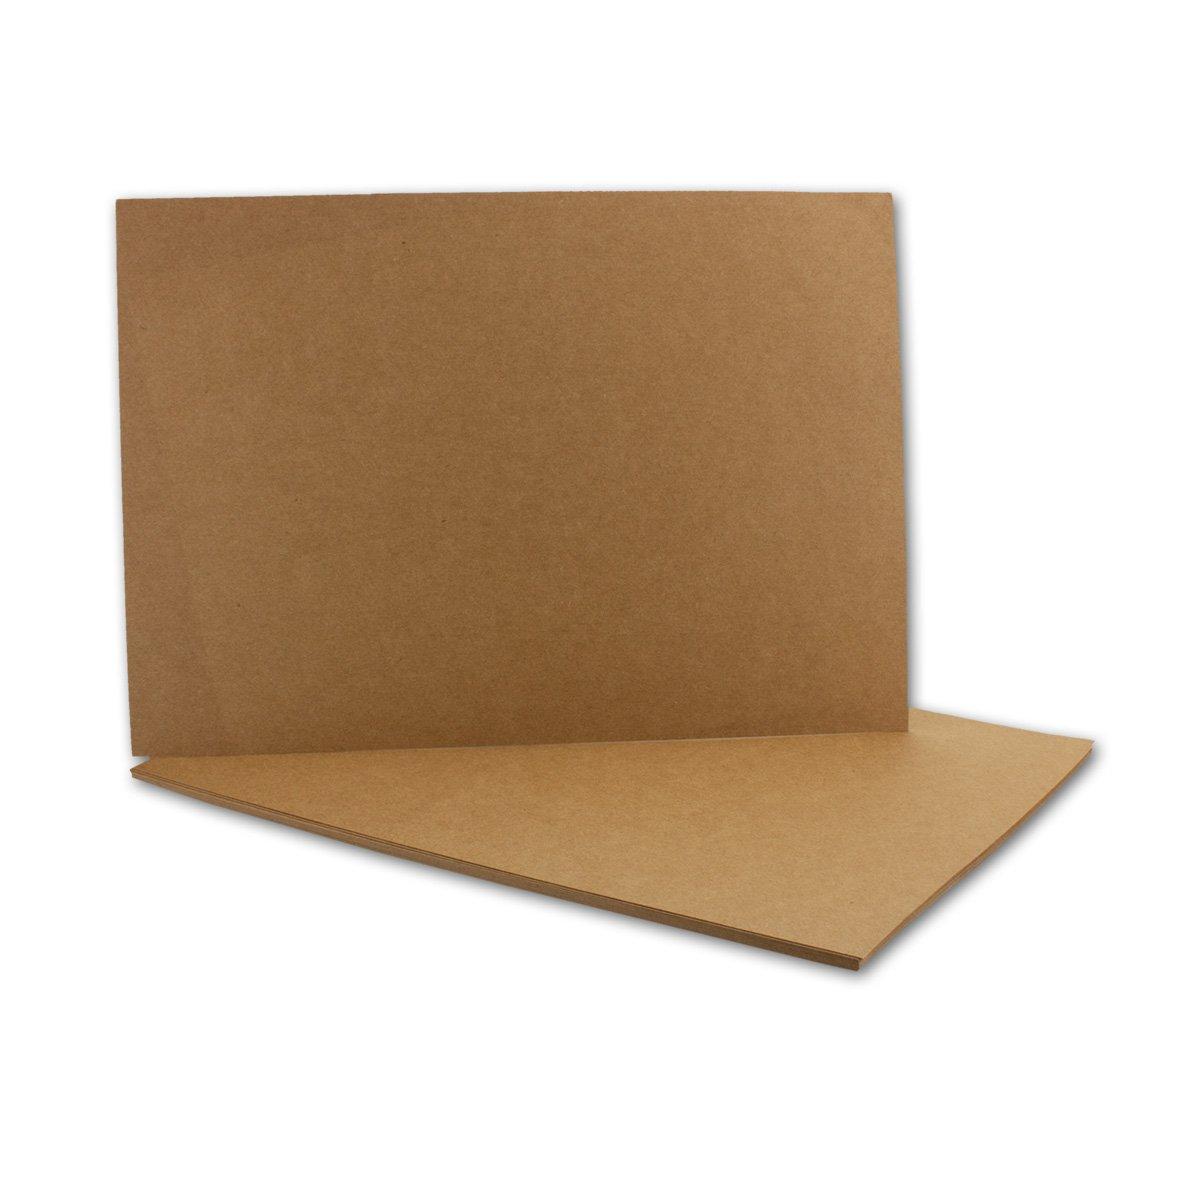 Kraftpapier-Karten in Braun | 100 Stück | Blanko Einladungs-Karten zum Selbstgestalten & Basteln | bedruckbare Post-Karten in DIN A6 Format | 285 g/m² | Exklusive Grußkarten für Besondere Anlässe Neuser